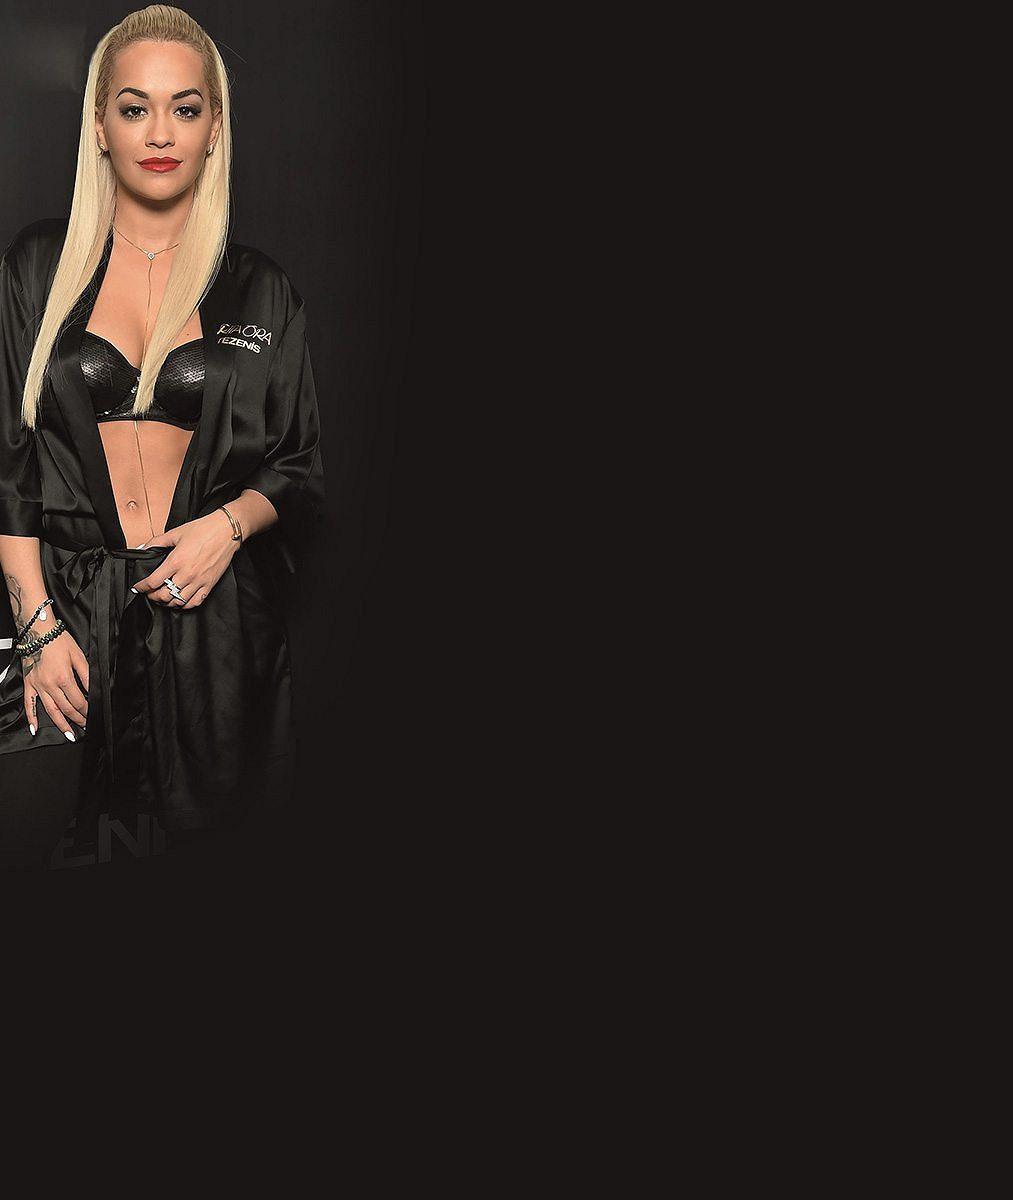 Prádlo už ani neskrývá. Popová diva Rita Ora se na veřejnosti ukázala rovnou v podprsence